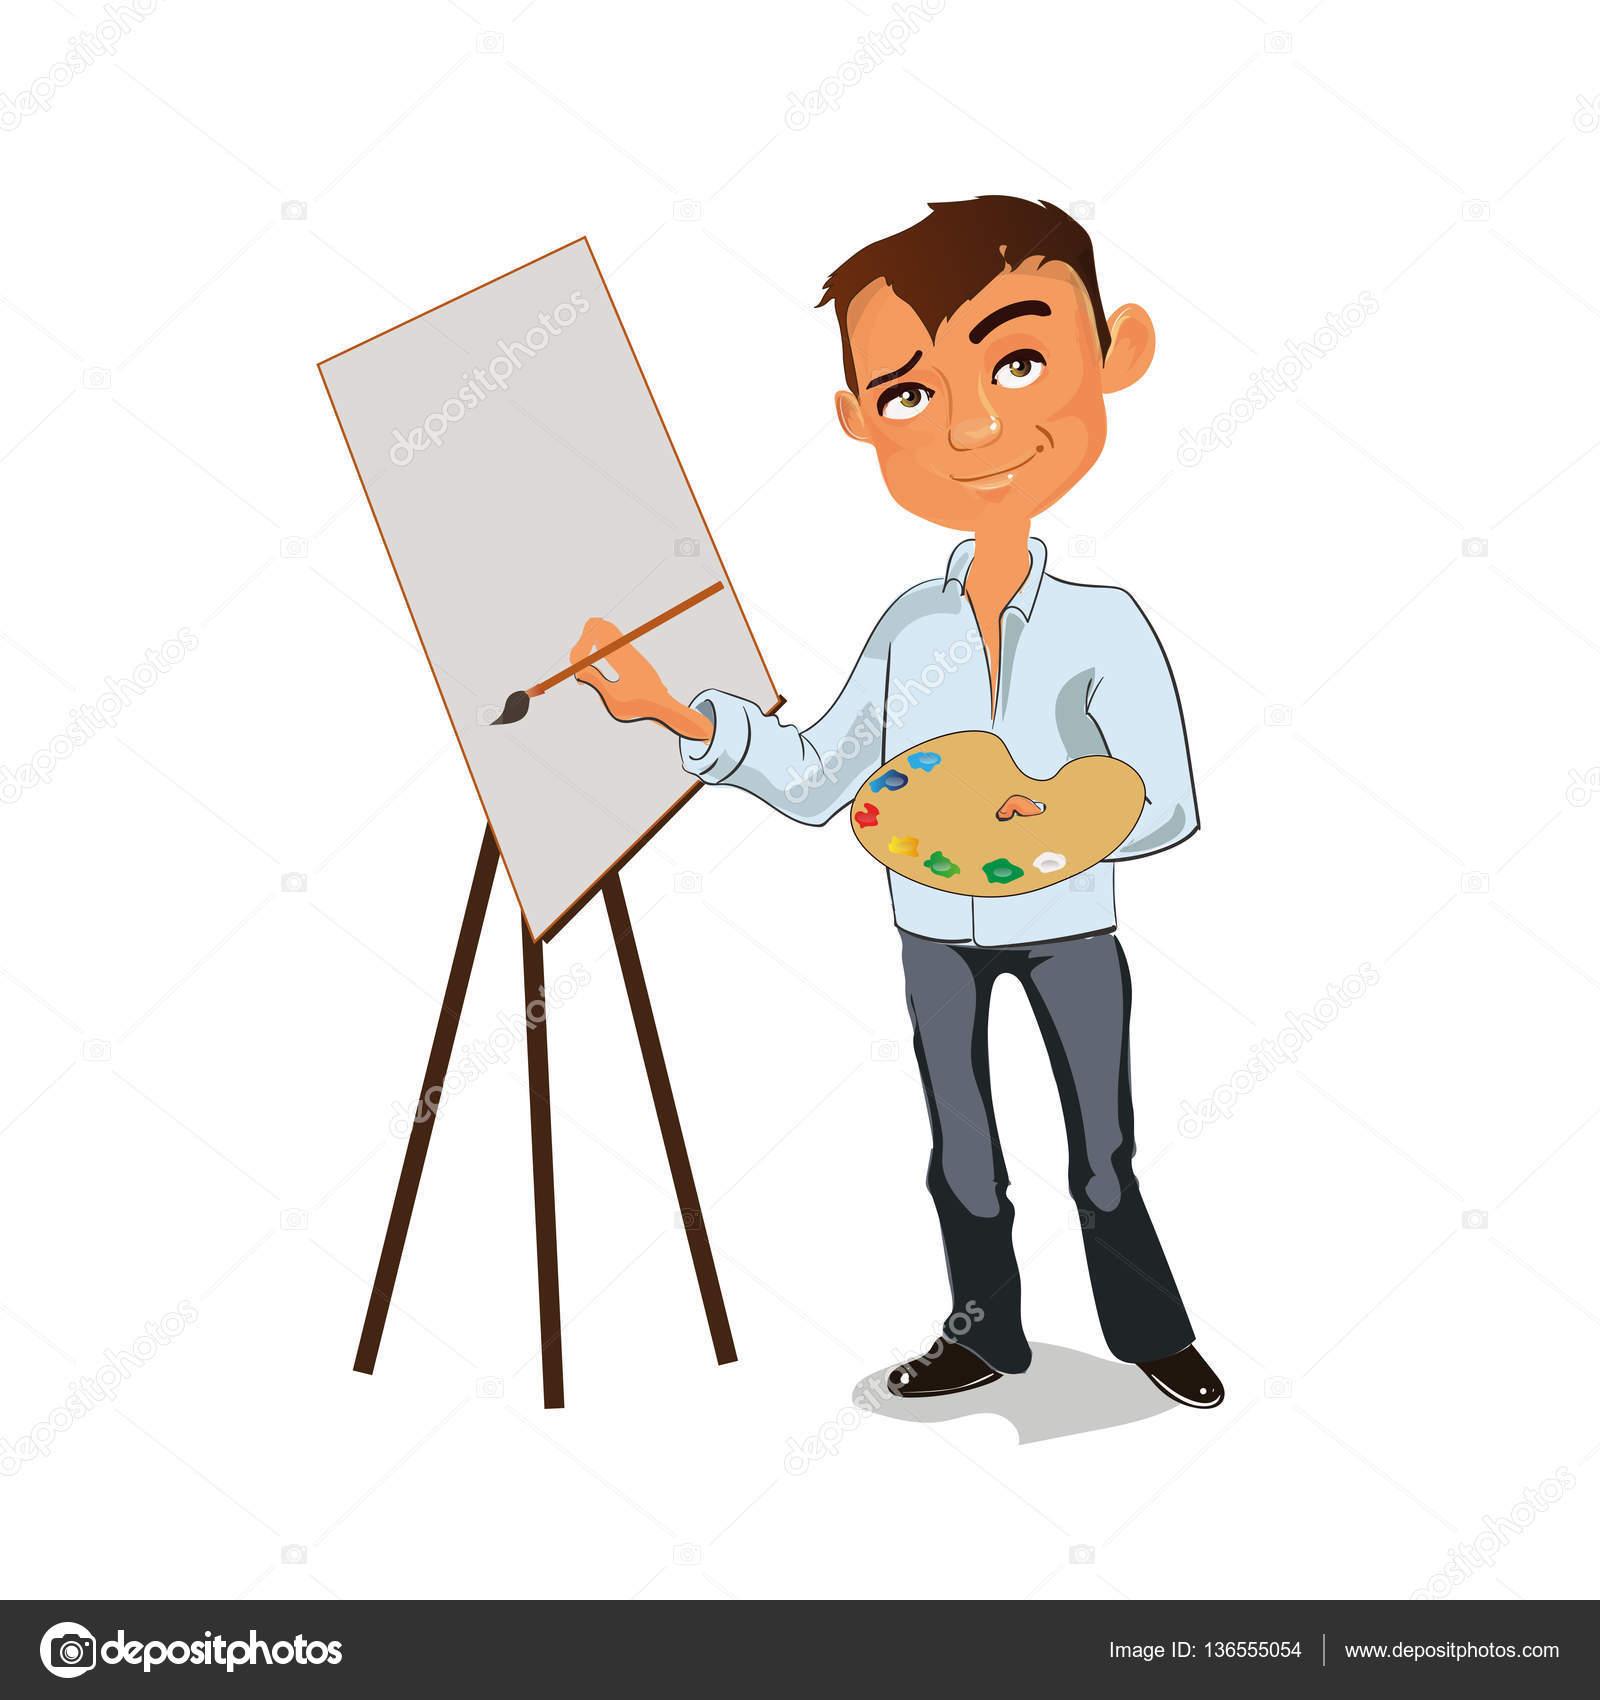 Sanatçı Erkek Resim Resim Renk Paleti Ile Vektör çizim Stok